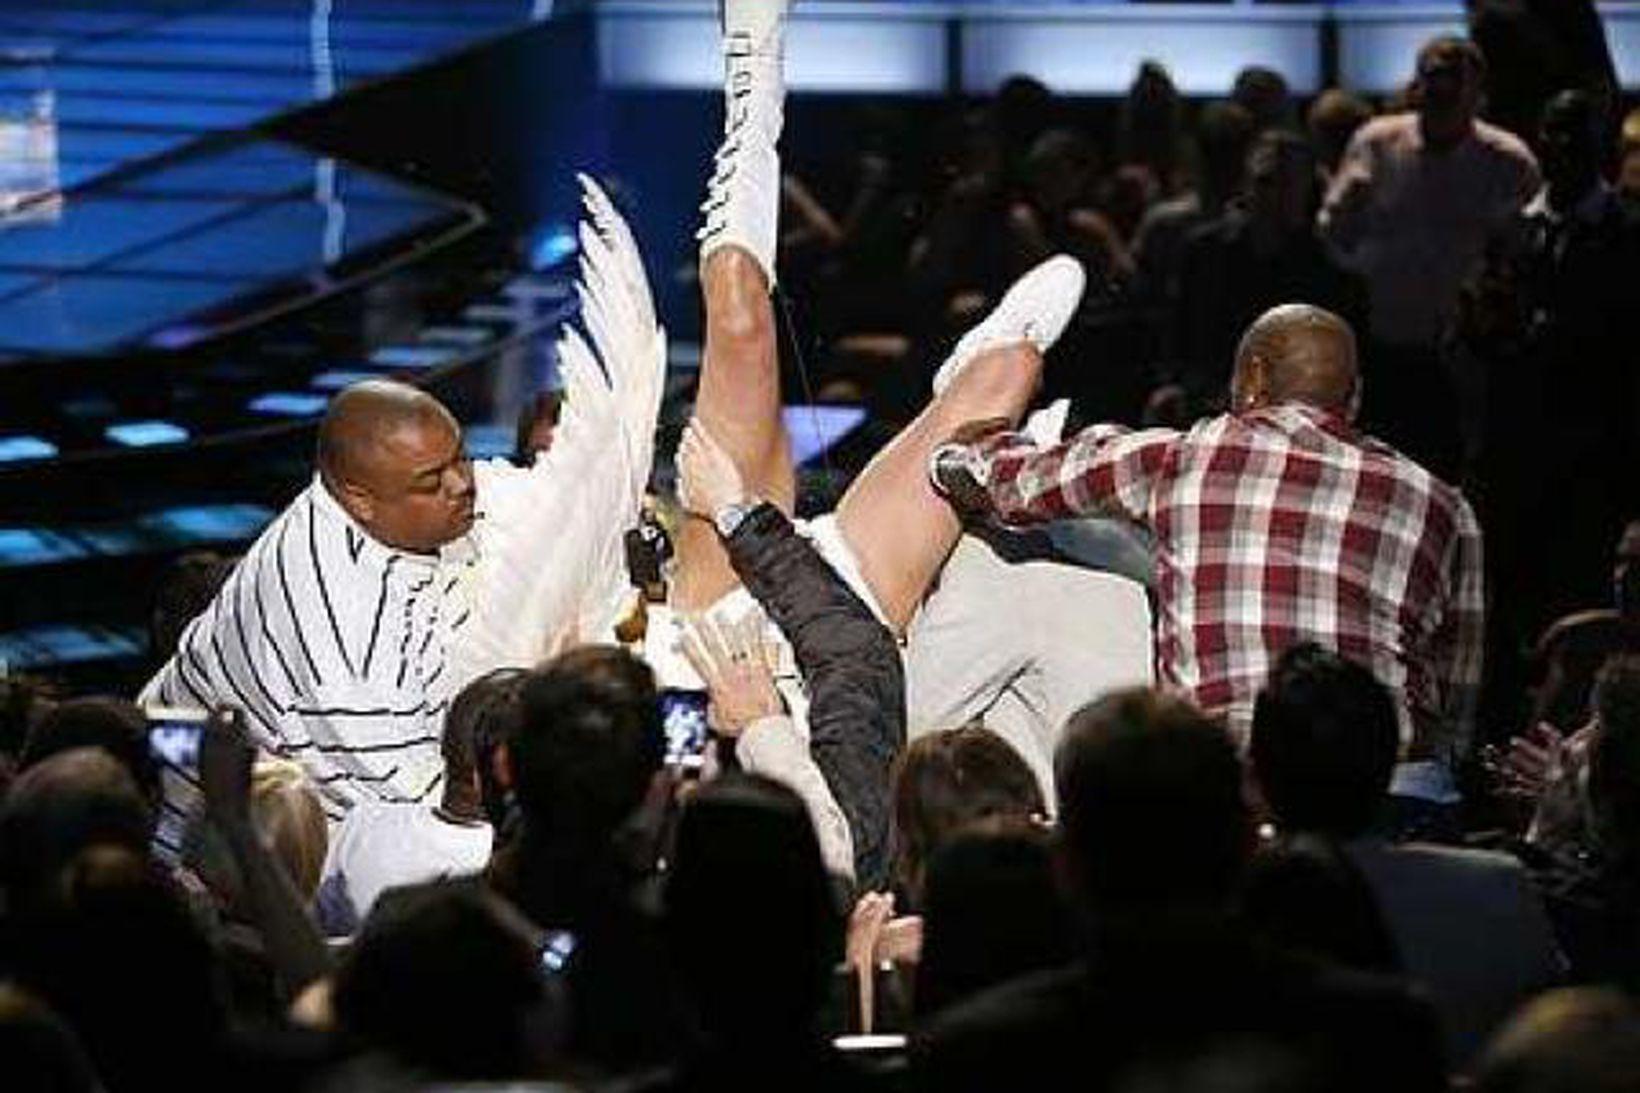 Sacha Baron Cohen, lendir á Eminem á MTV kvikmyndahátíðinni.